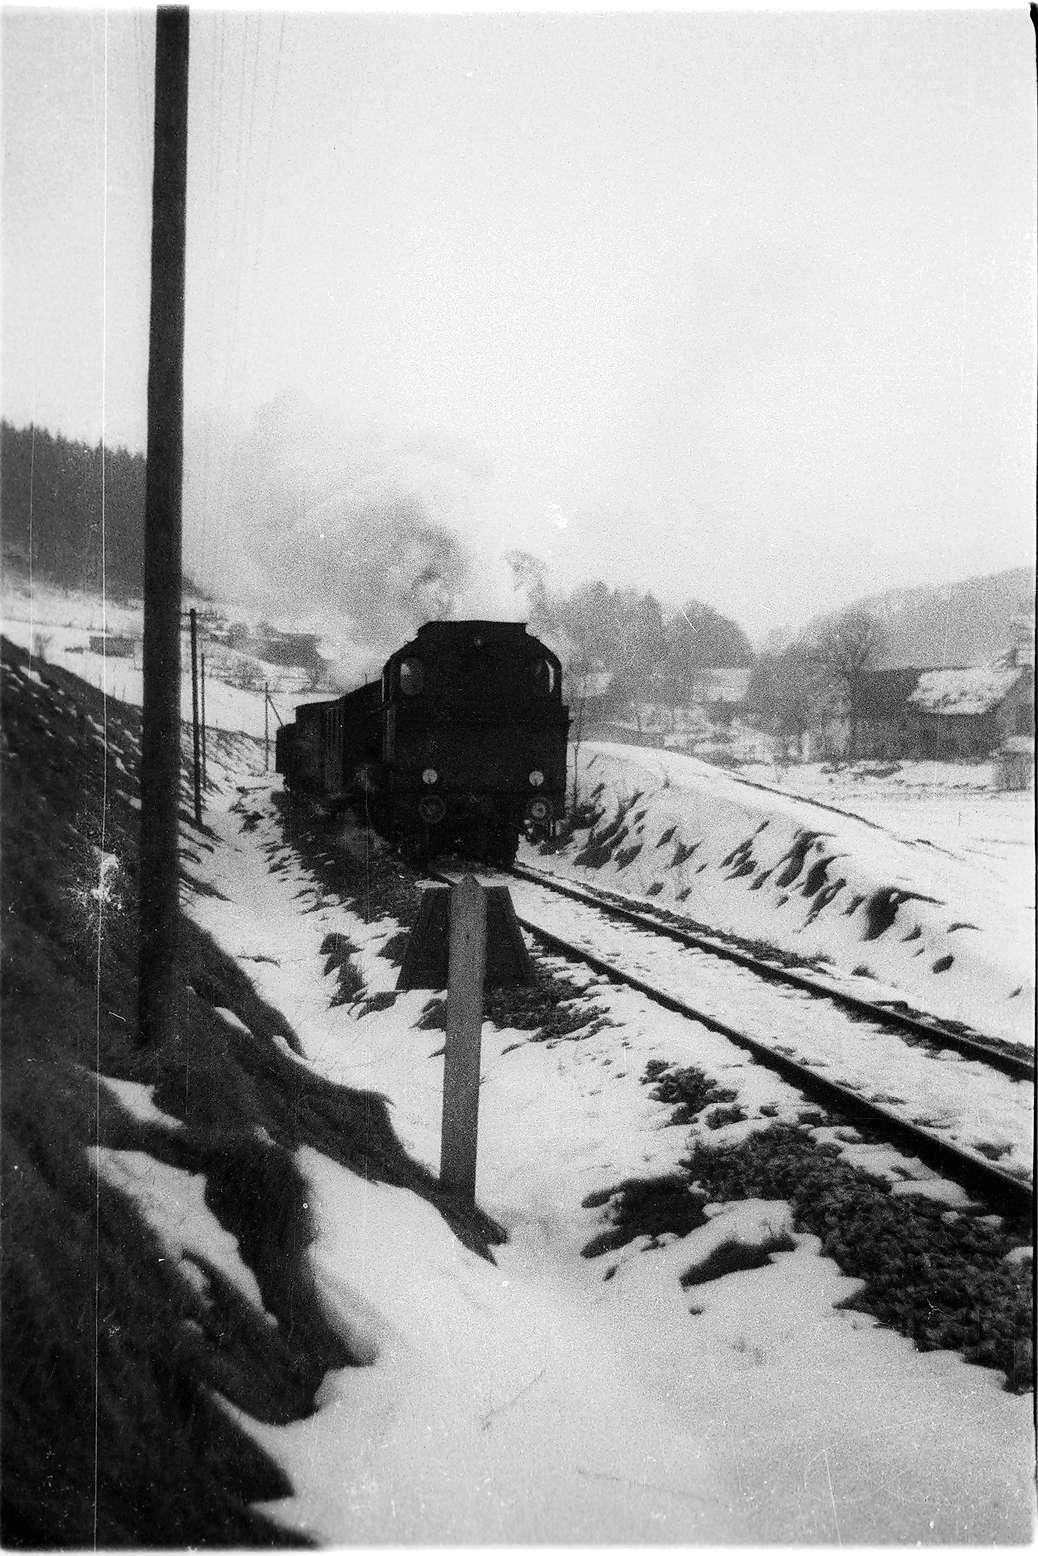 Lok 141 vor der Trapeztafel des Bahnhofs Trochtelfingen, Bild 1